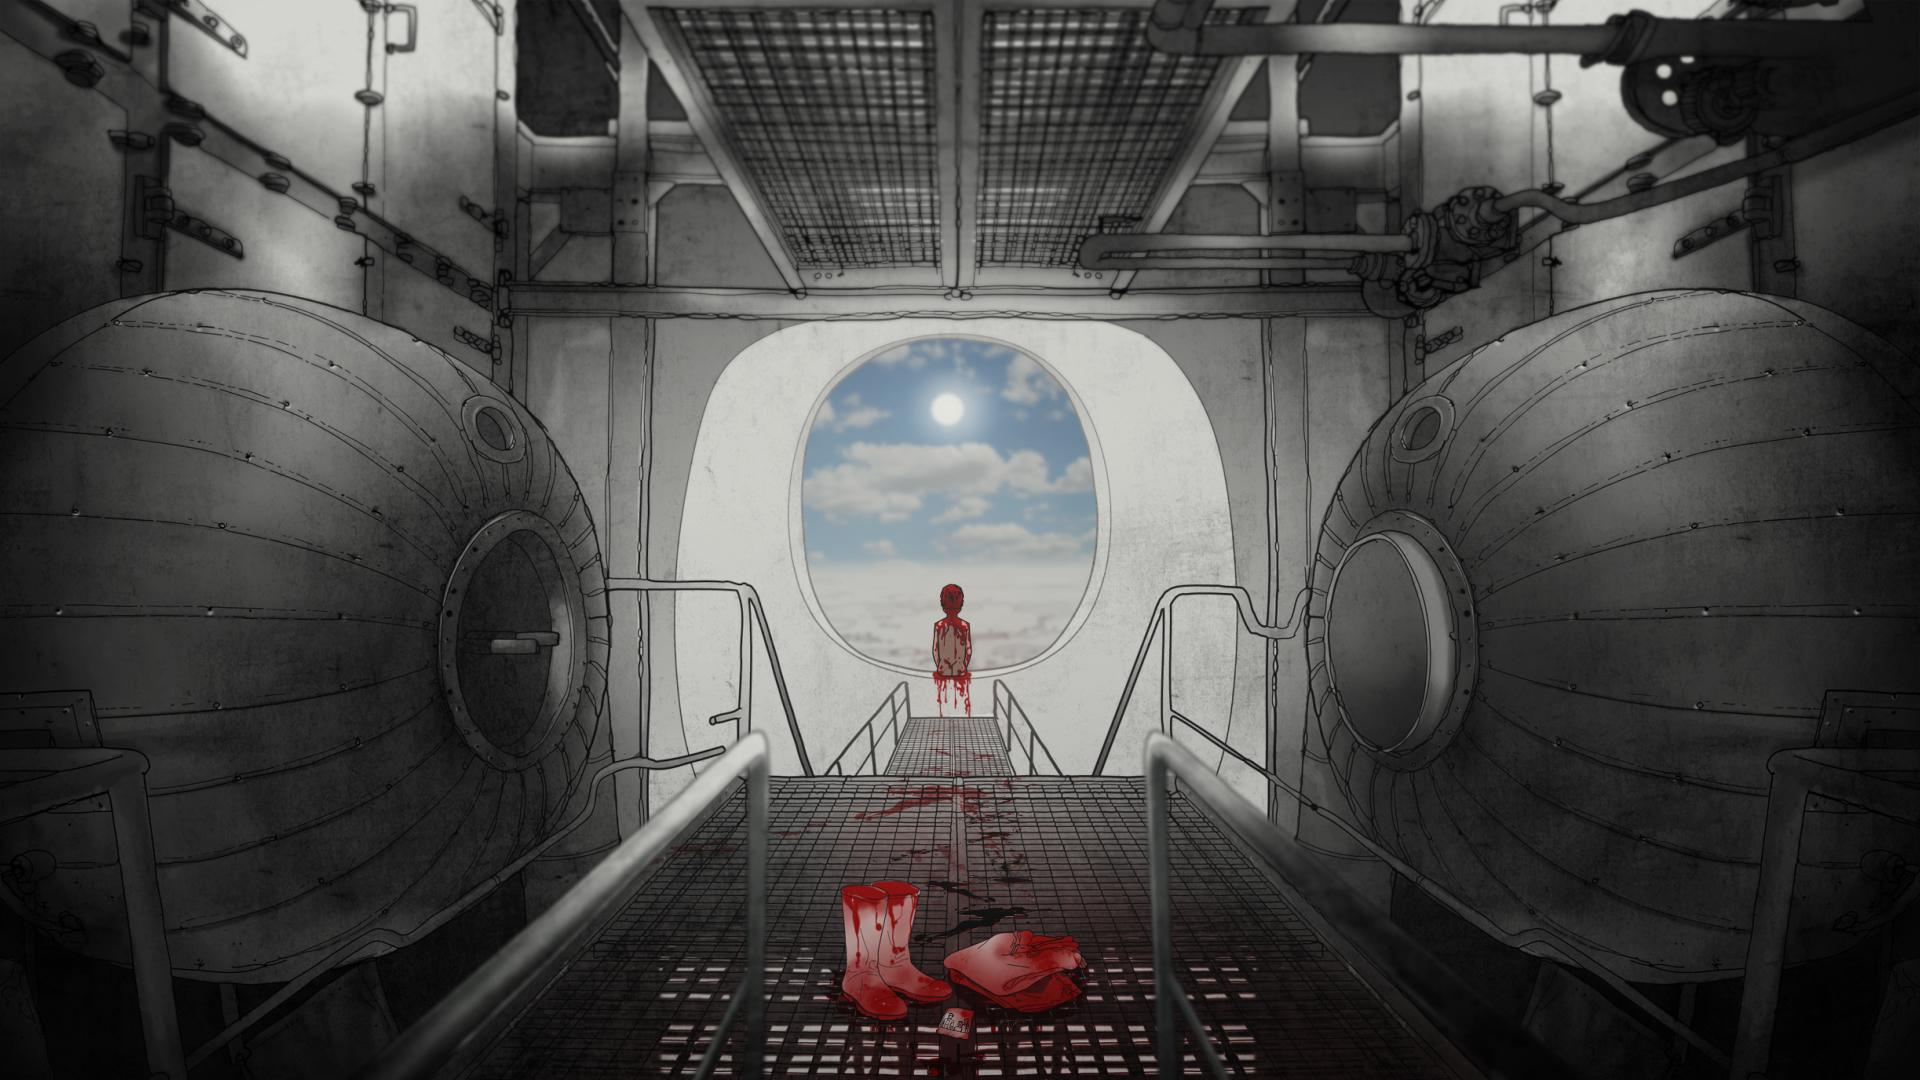 KONKURS_PELNYMETRAZ_ON_THE_WHITE_PLANET-6